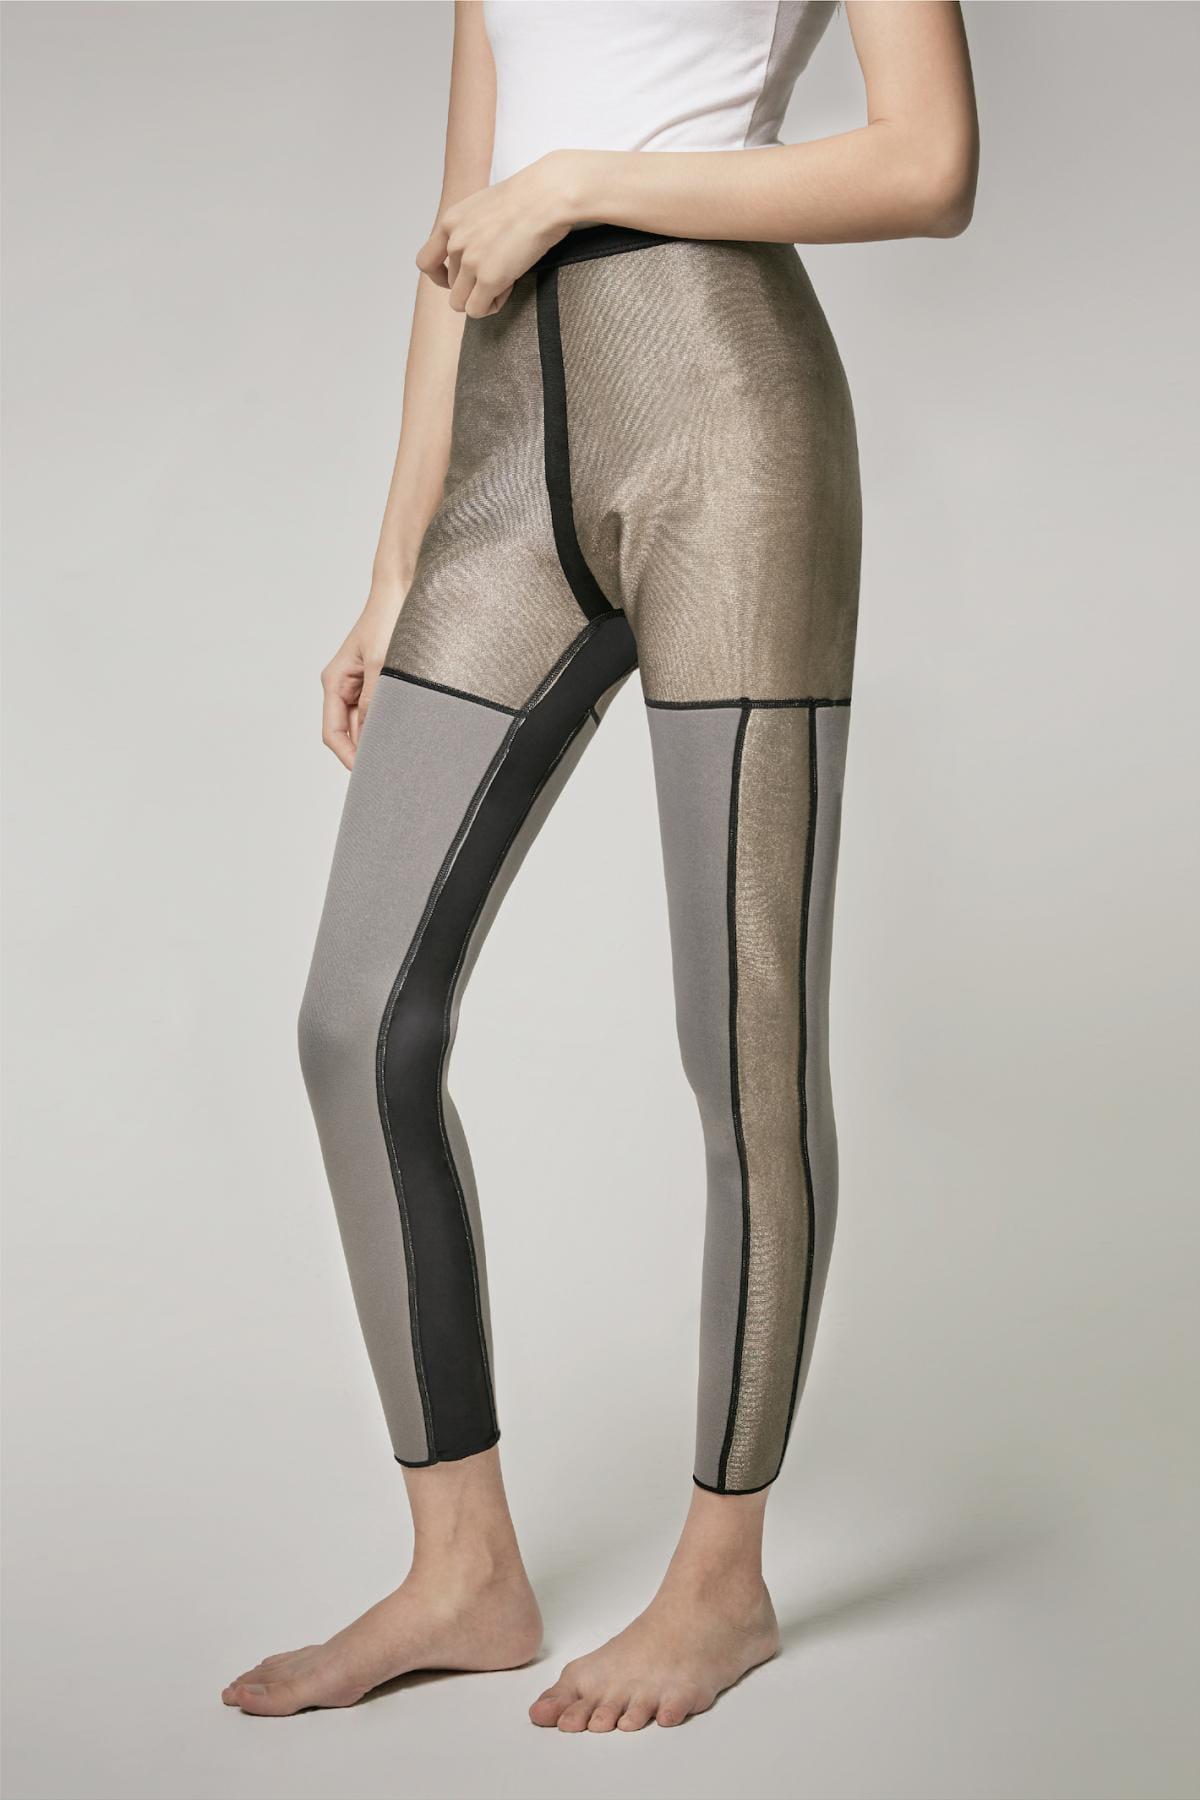 【微笑生活】Soft Snug 銀纖維爆汗九分褲(單口袋) 銀離子 4